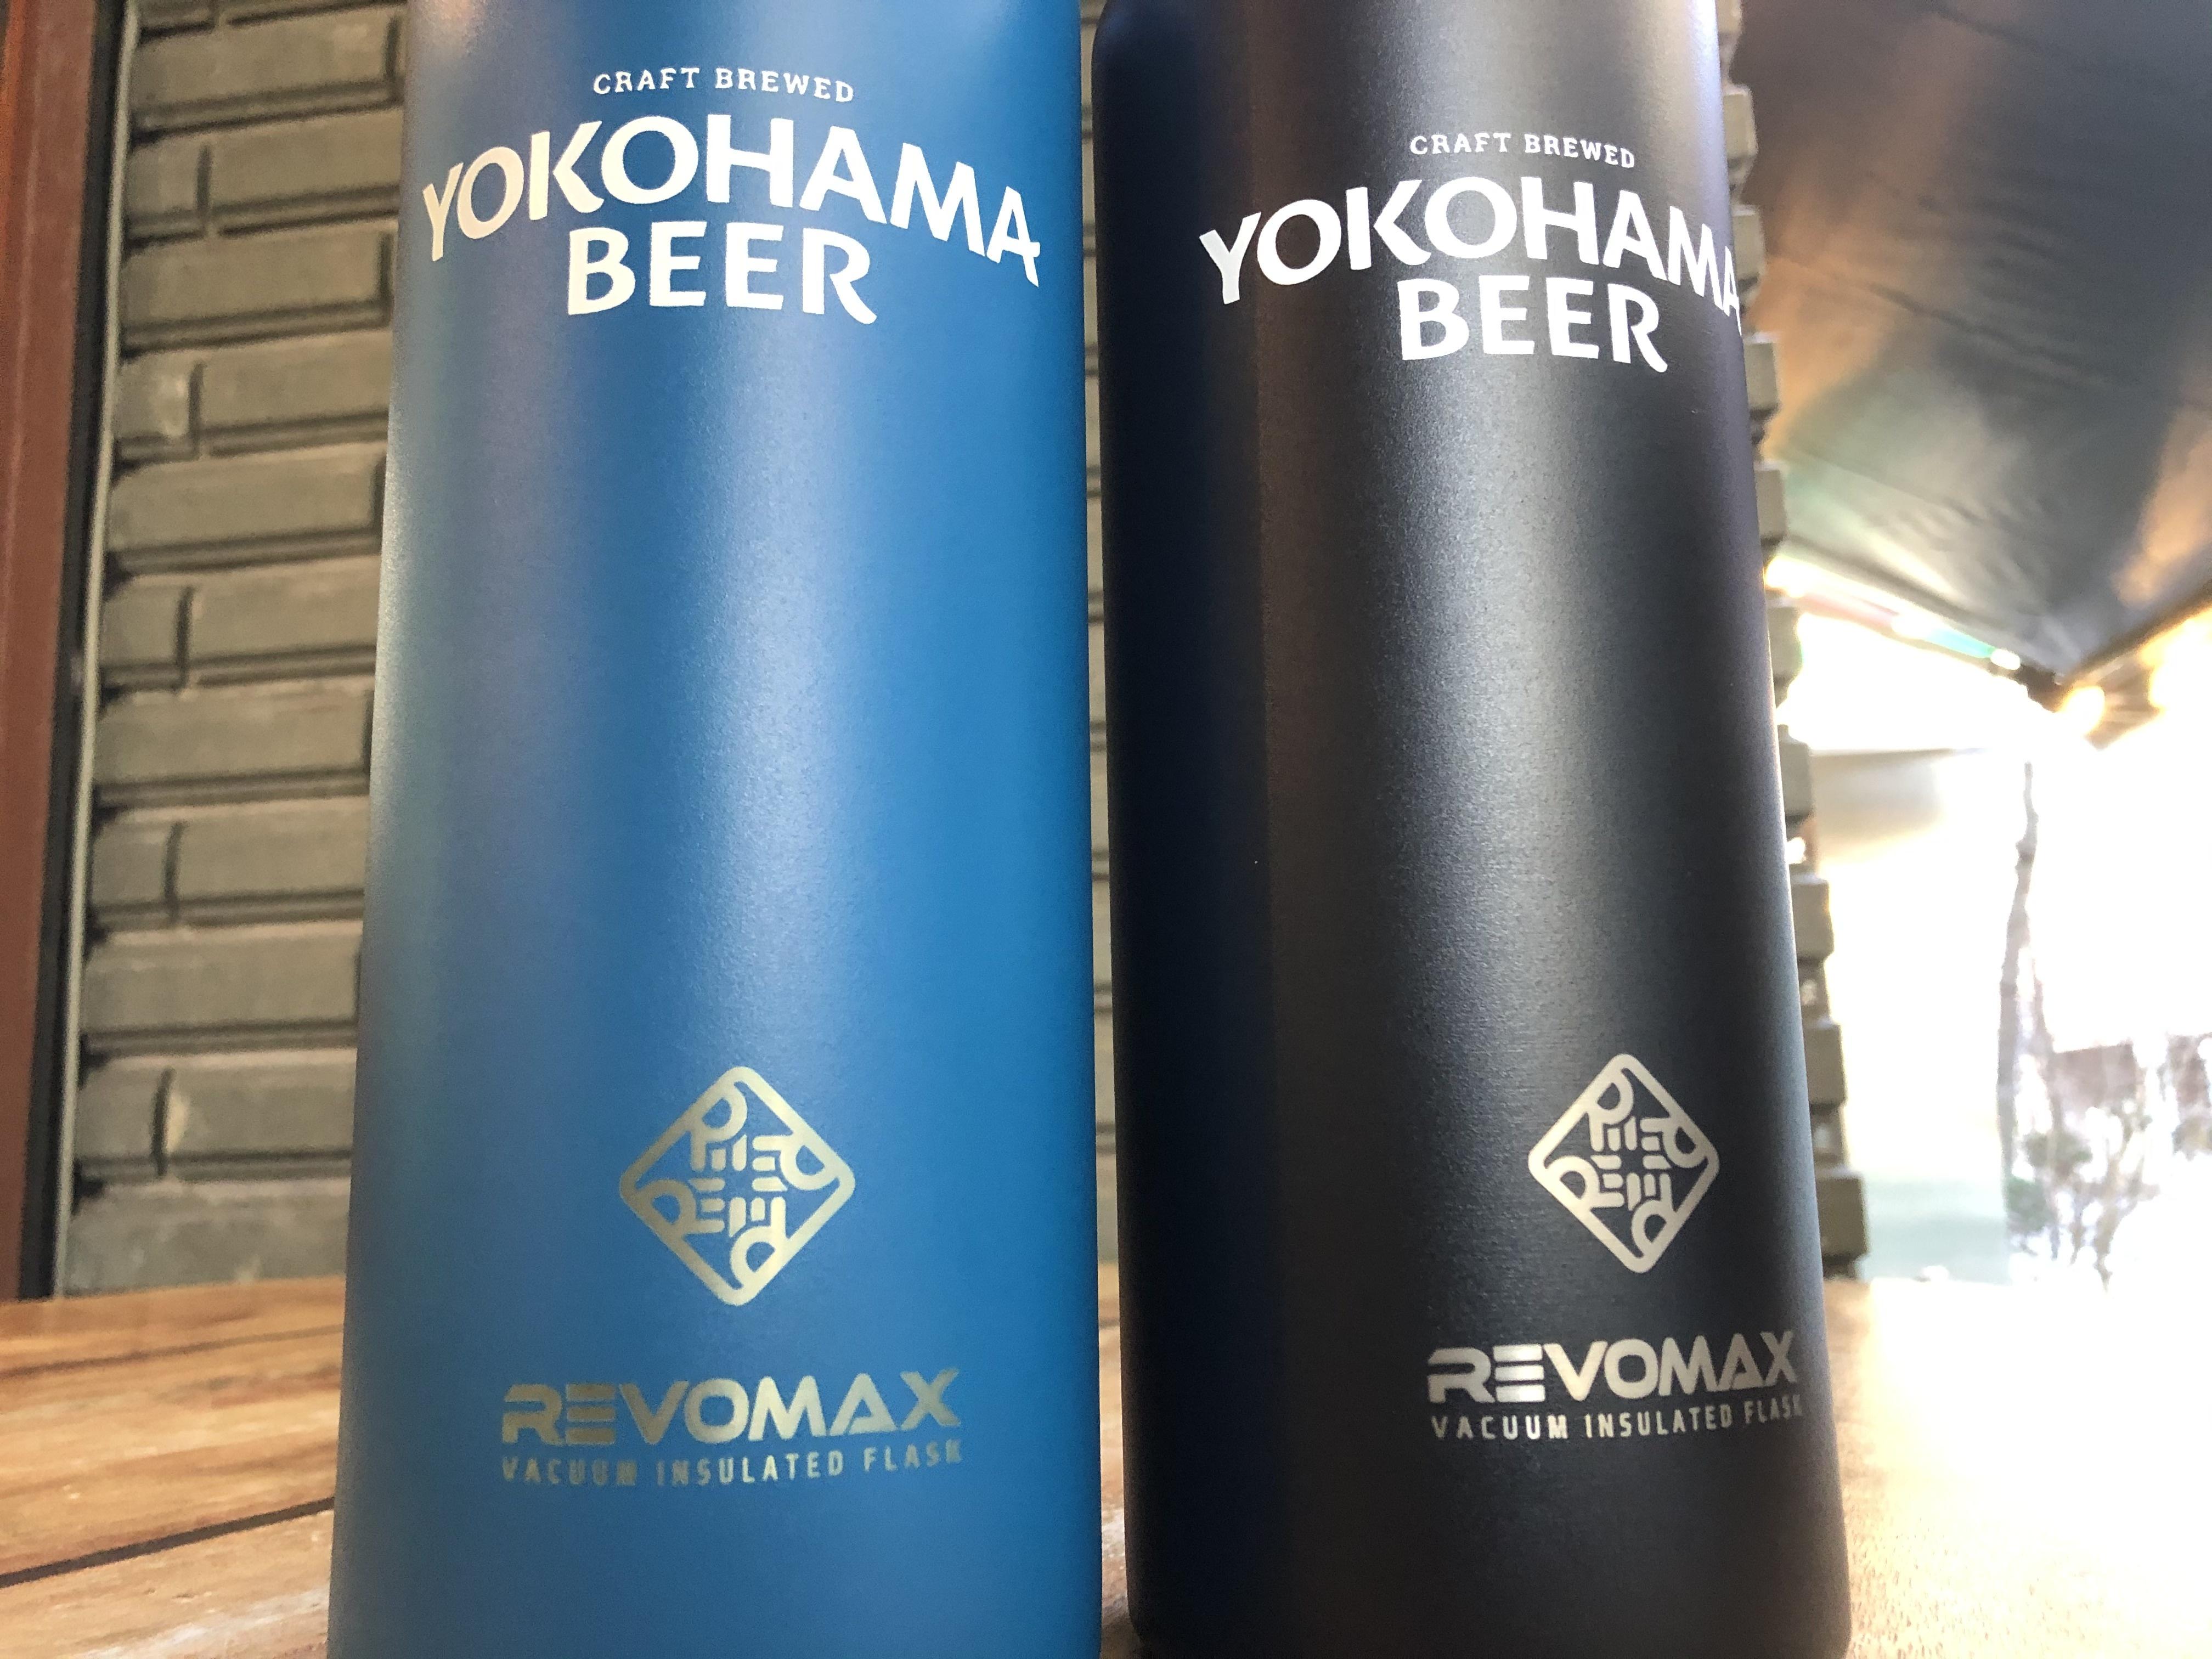 ヨコビグラウラー32 【YOKOHAMABEER × REVOMAX2】 真空断熱ボトル 32oz(950ml)